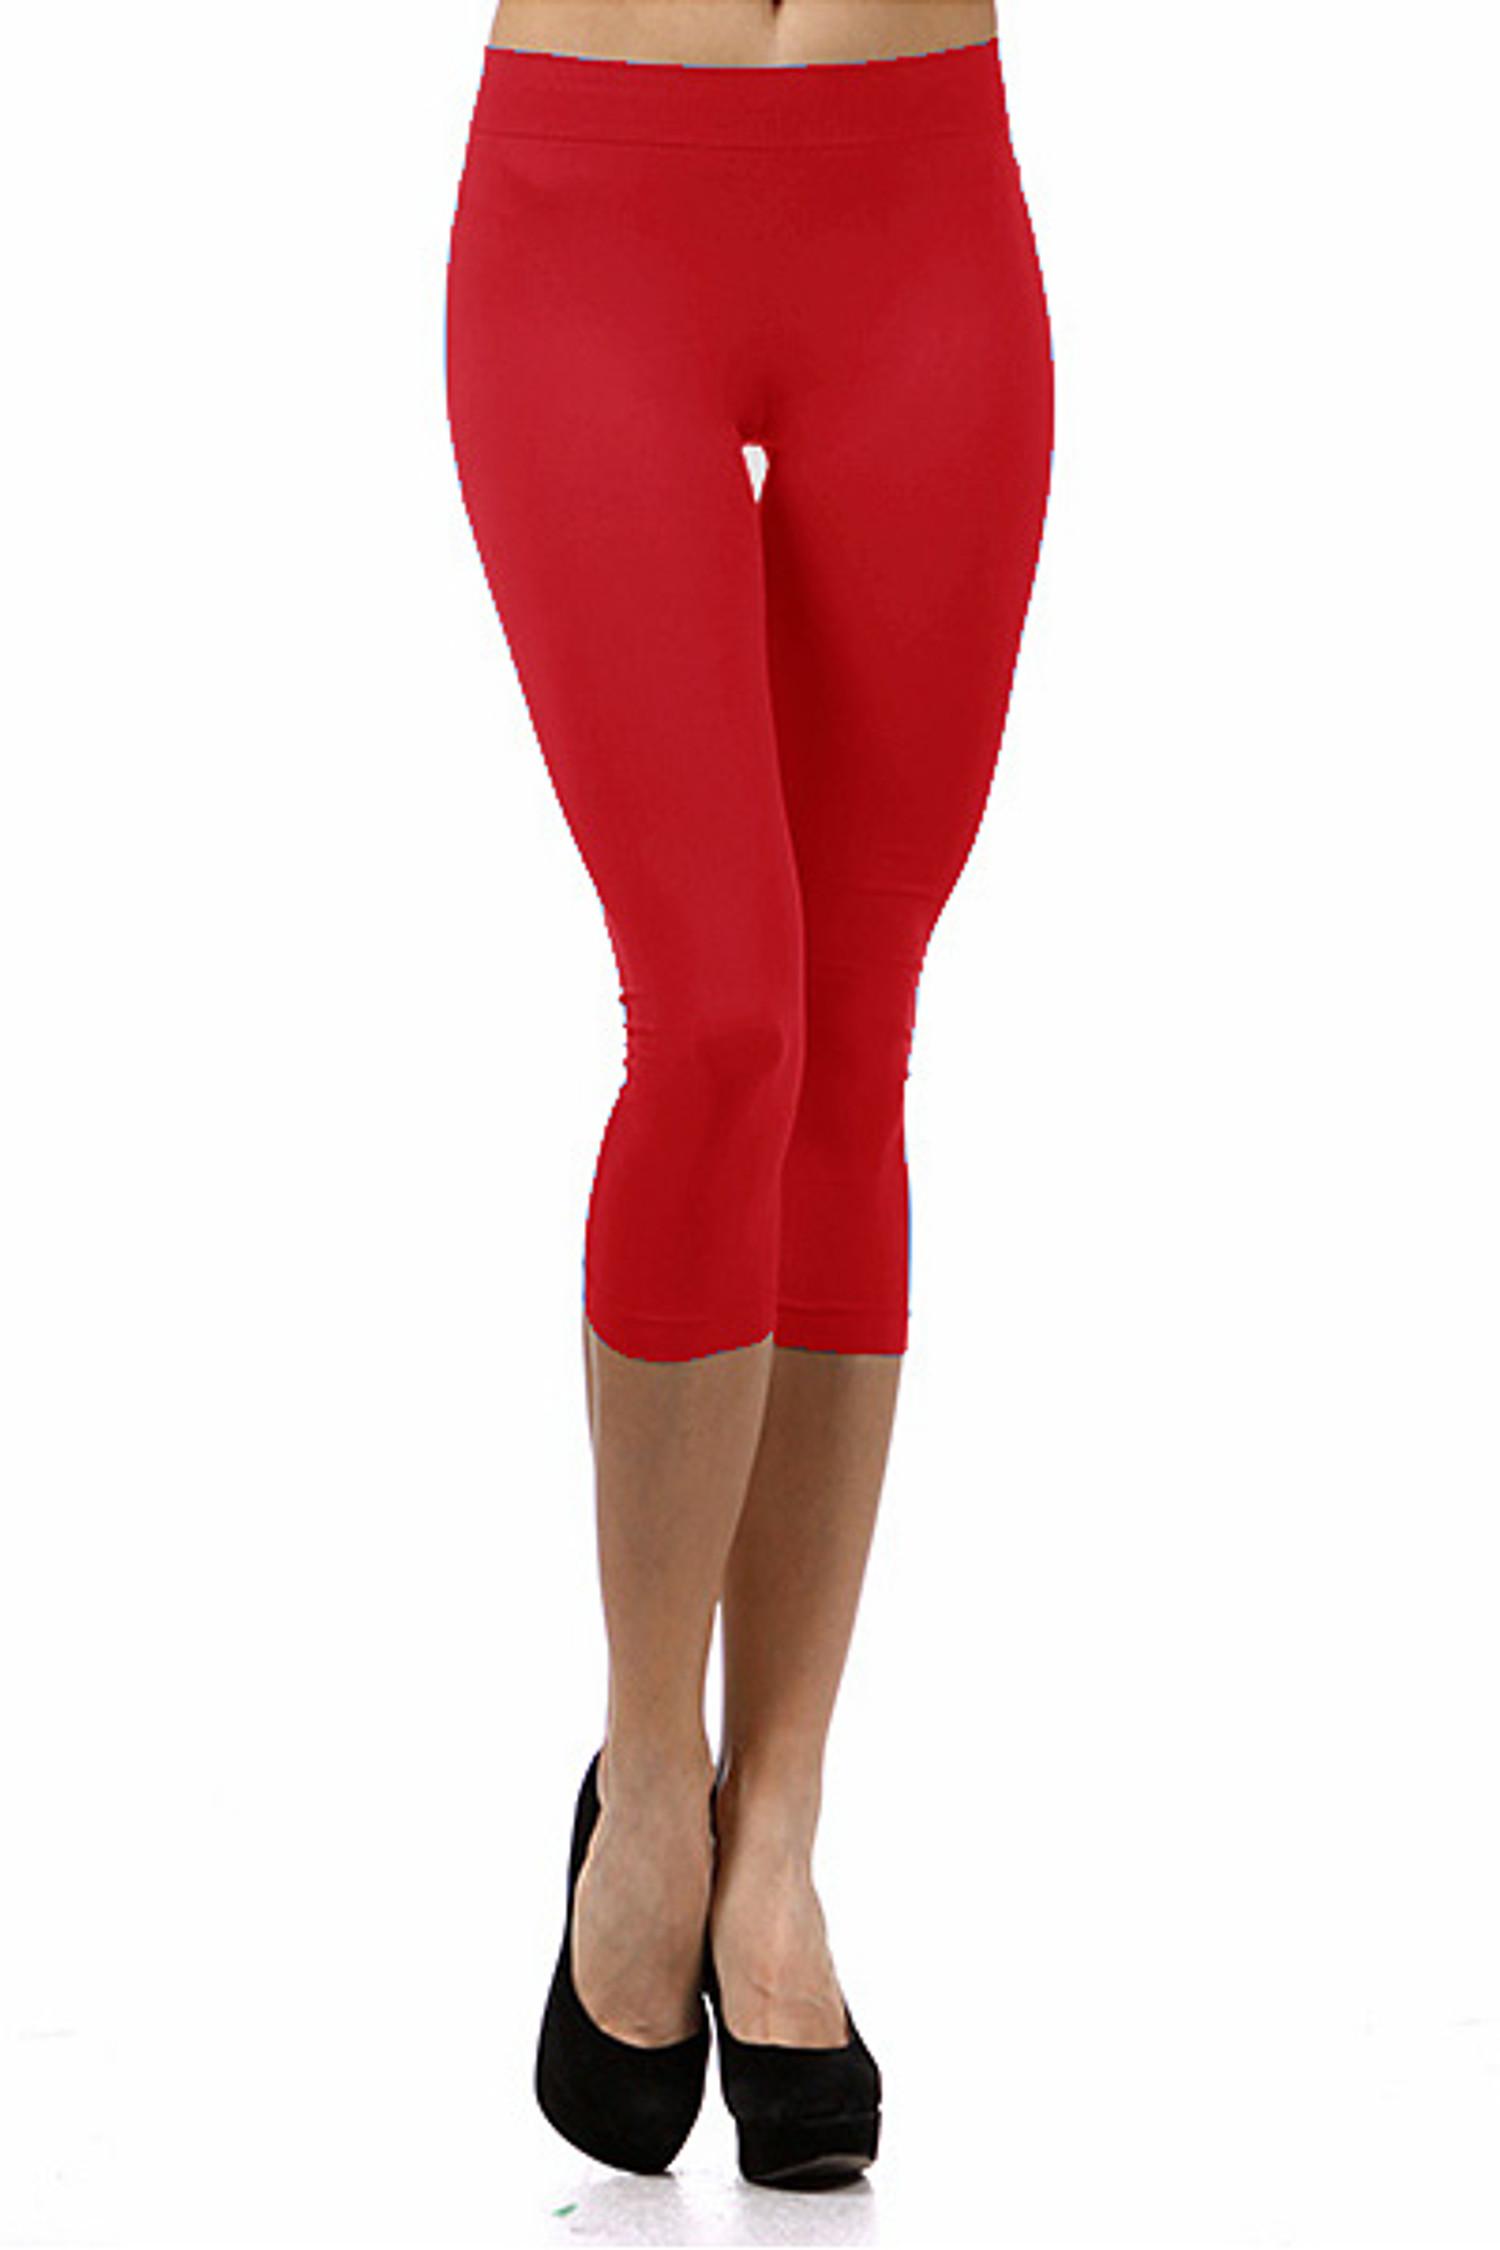 Basic Capri Length Spandex Leggings Red